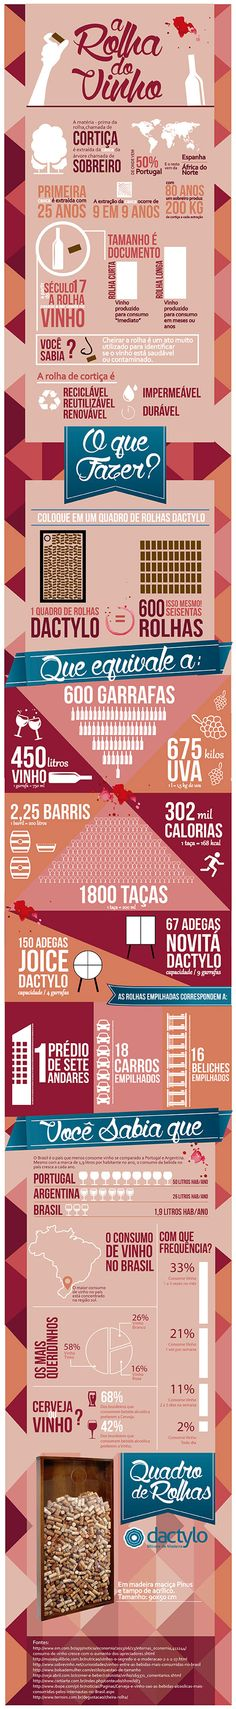 Infografico sobre rolhas de vinho! Guarde suas rolhas no Quadro de Rolhas - Dactylo Móveis de Madeira #infográfico #vinho #rolhas